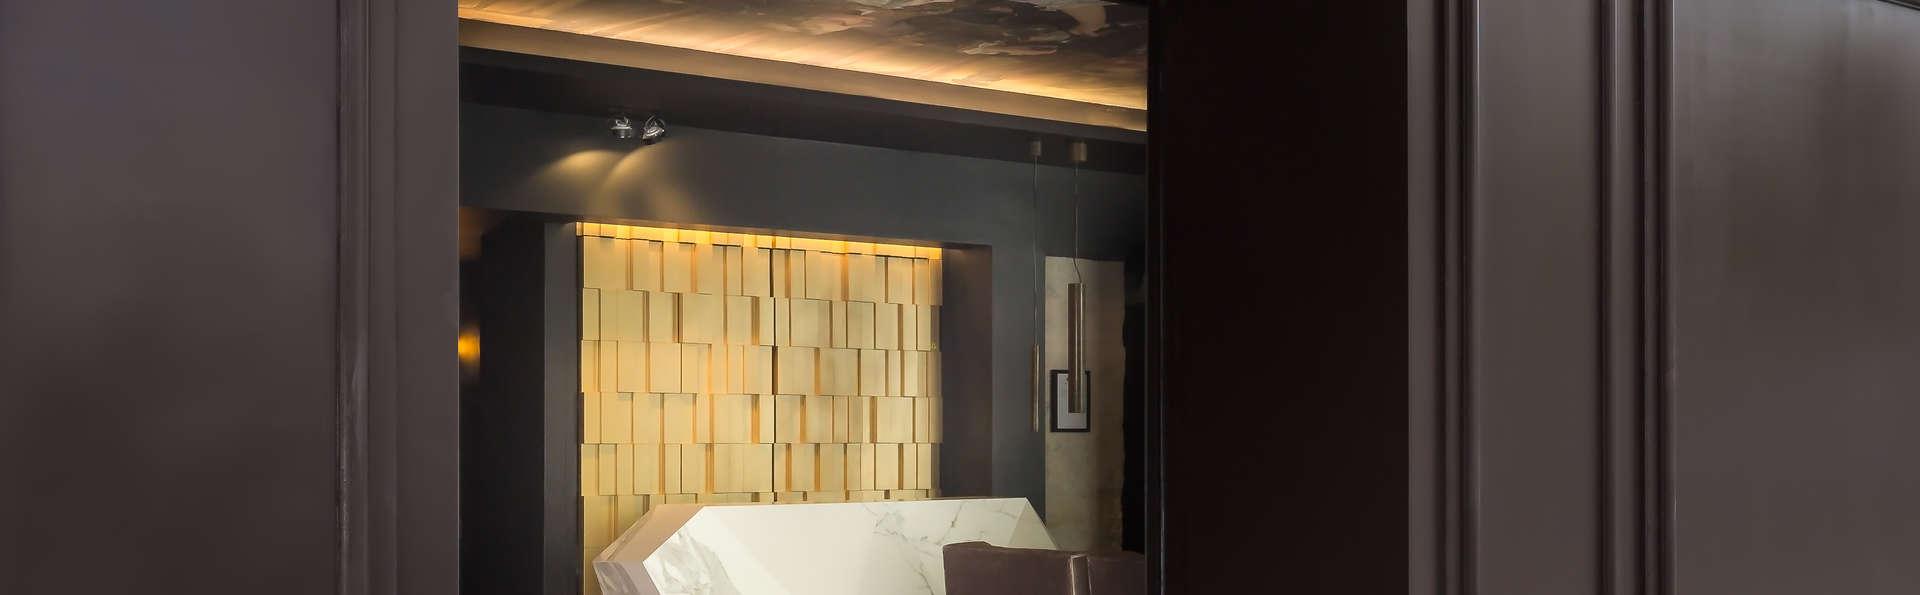 Hôtel La Comtesse by Elegancia - FACADE_HOTEL_LA_COMTESSE.jpg